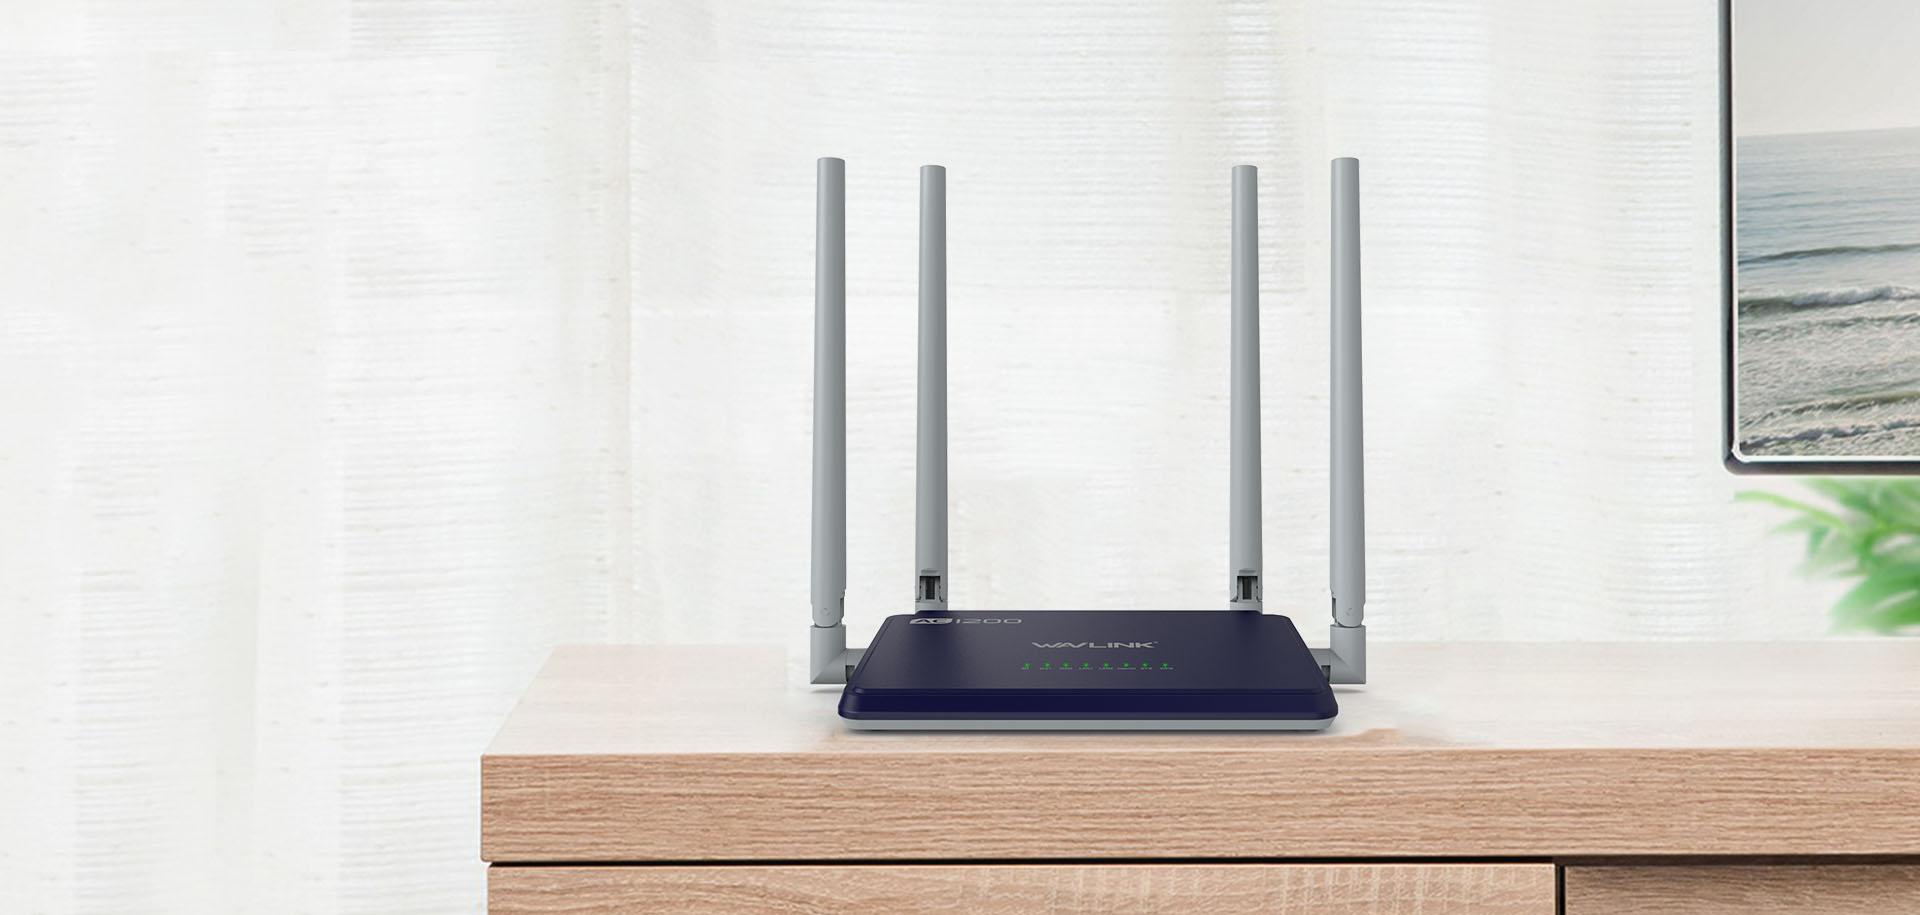 WL-WN529B3双频路由器,高速上网 全家尽享